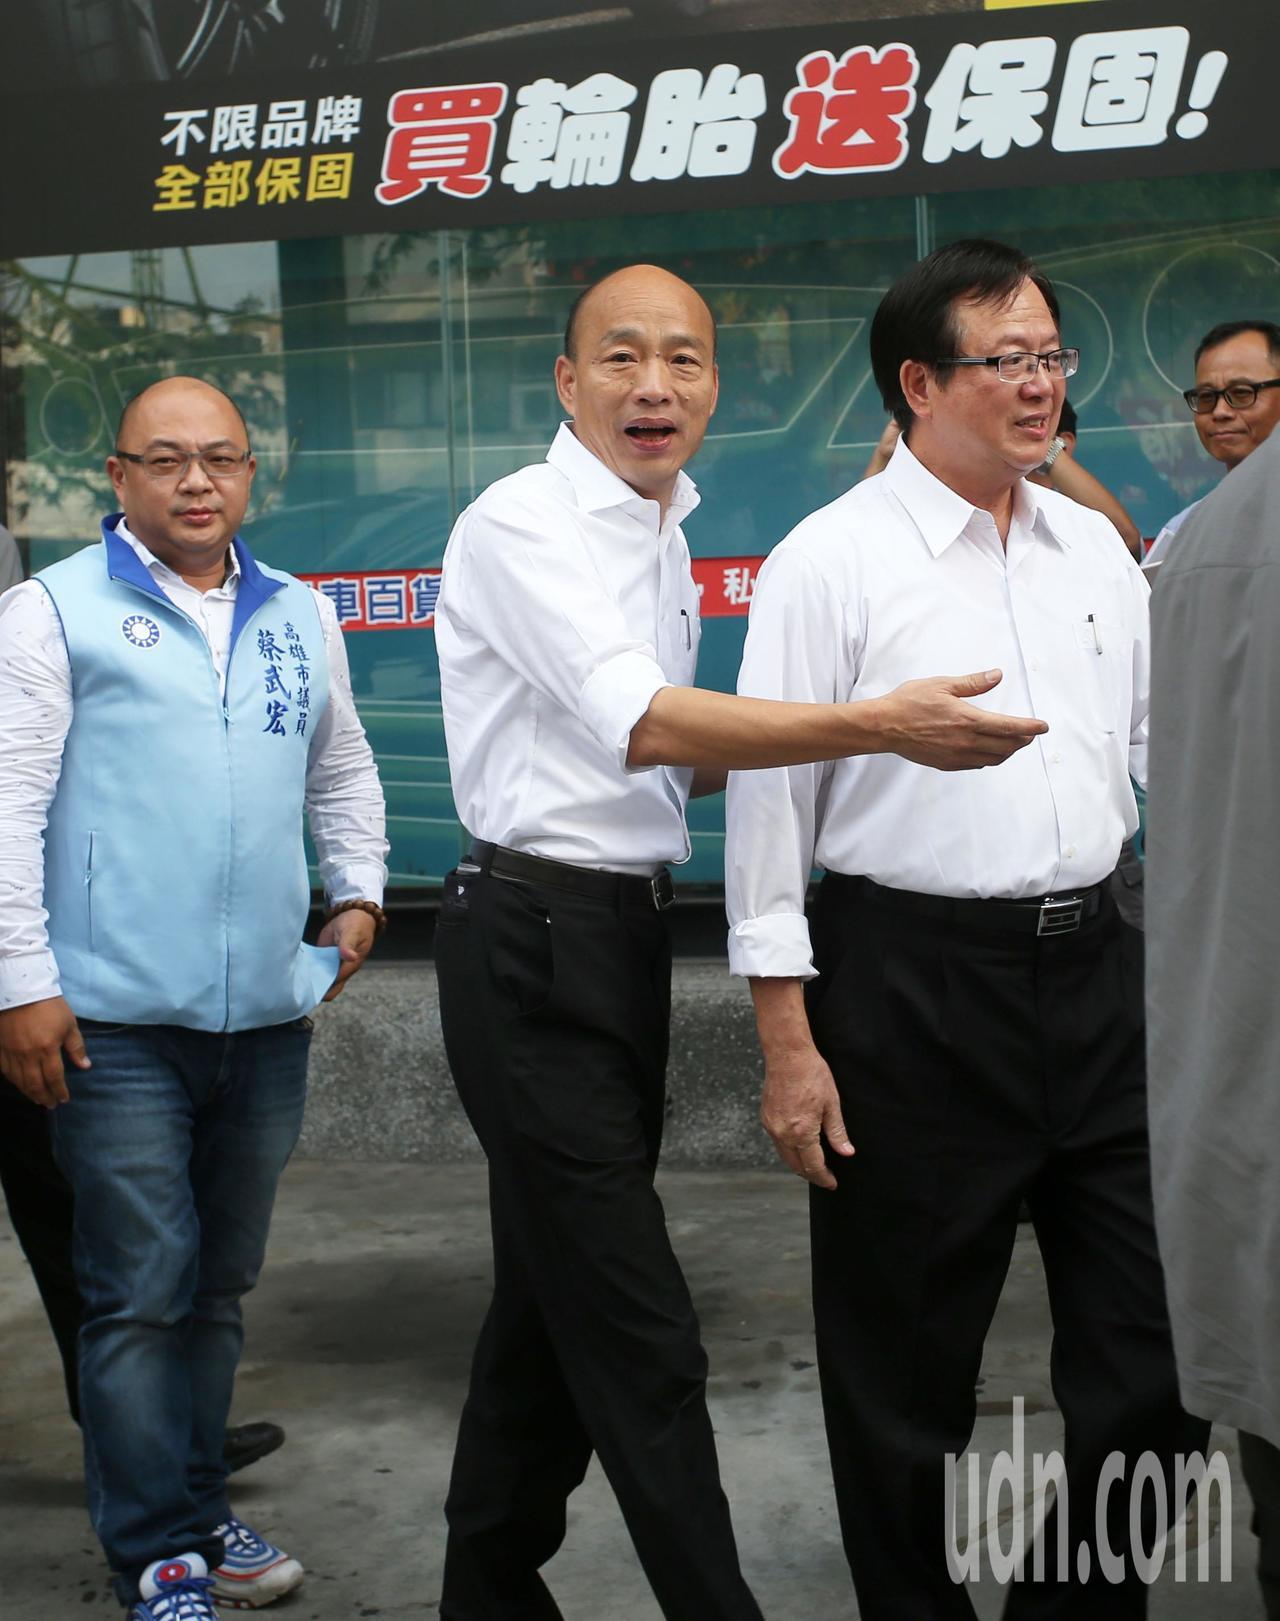 影/韓國瑜展現施政亮點 綠營批政令宣導